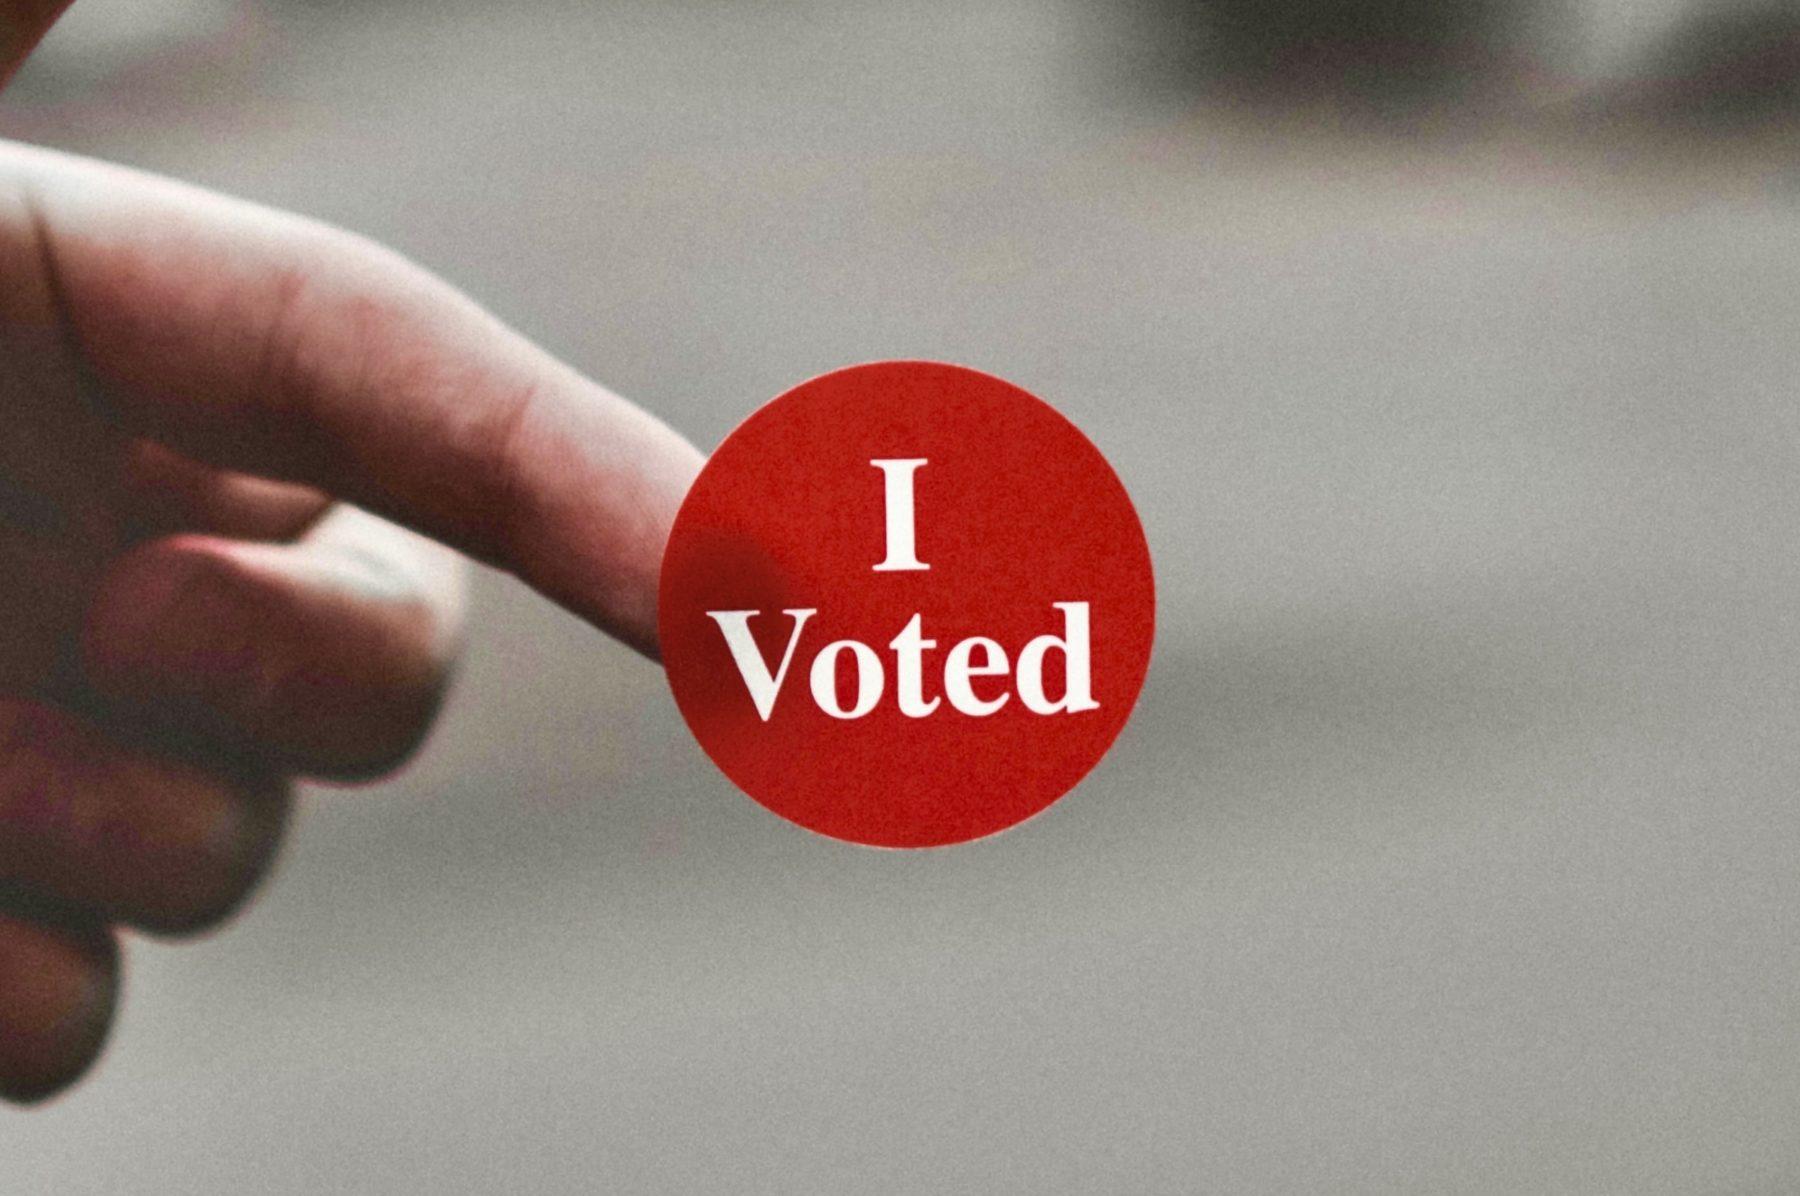 Je vote de manière alternative aux élections présidentielles